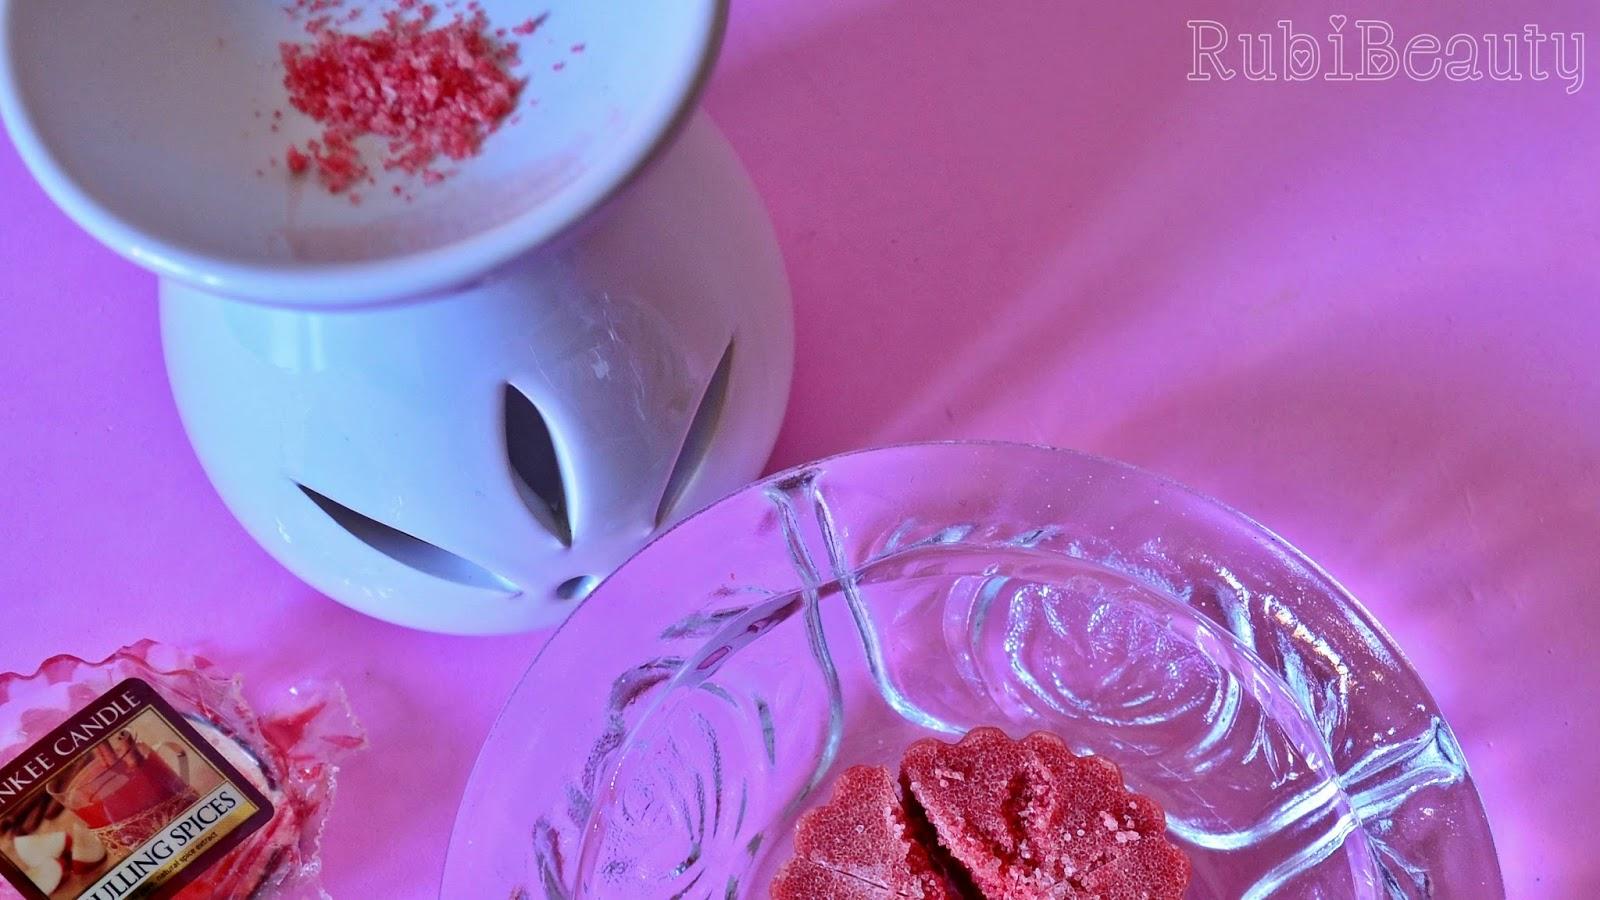 rubibeauty review opinión critica yankee candle tarts velas de olor